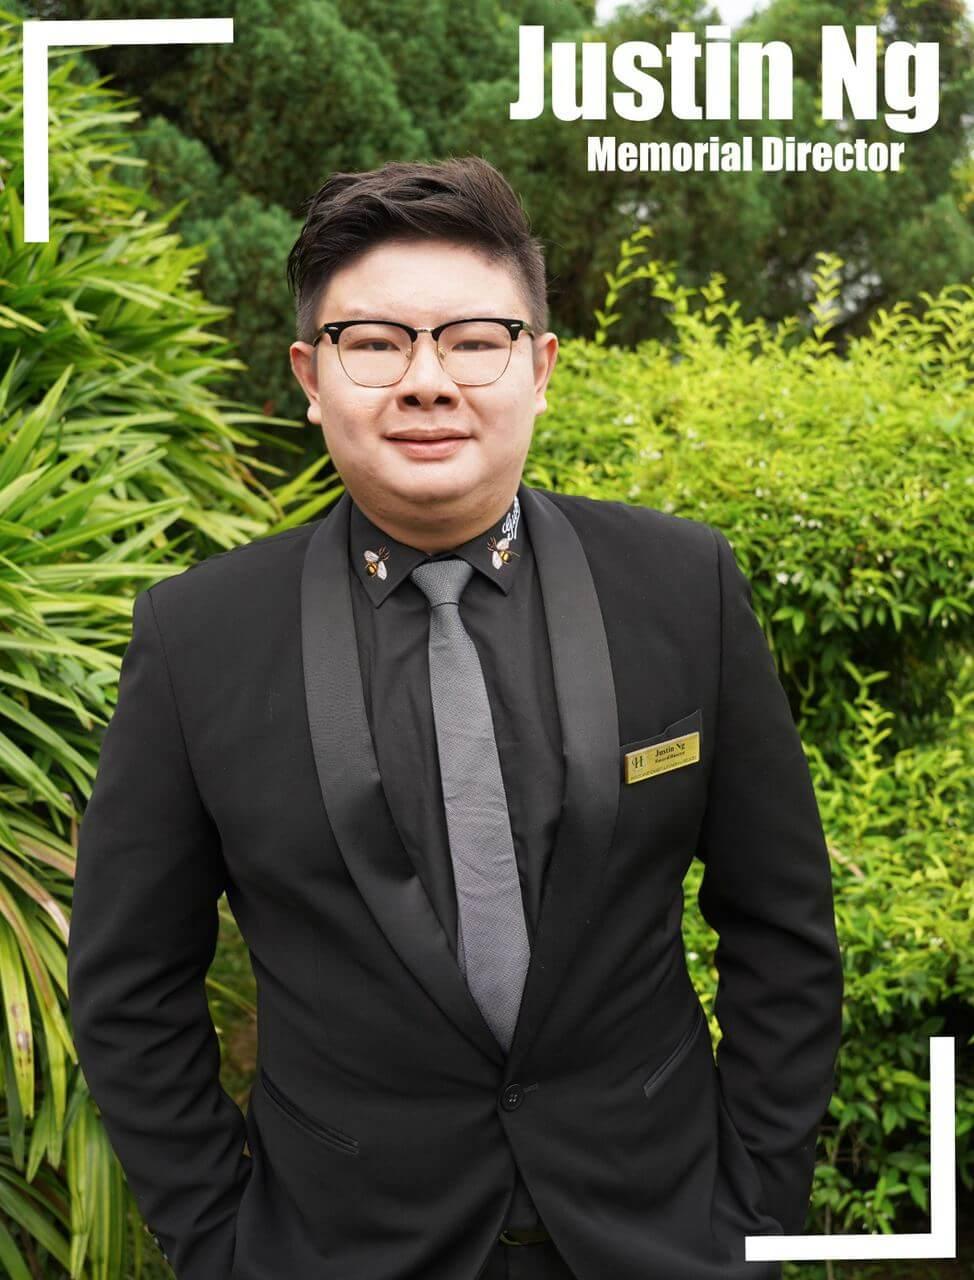 Justin Ng Funeral Director